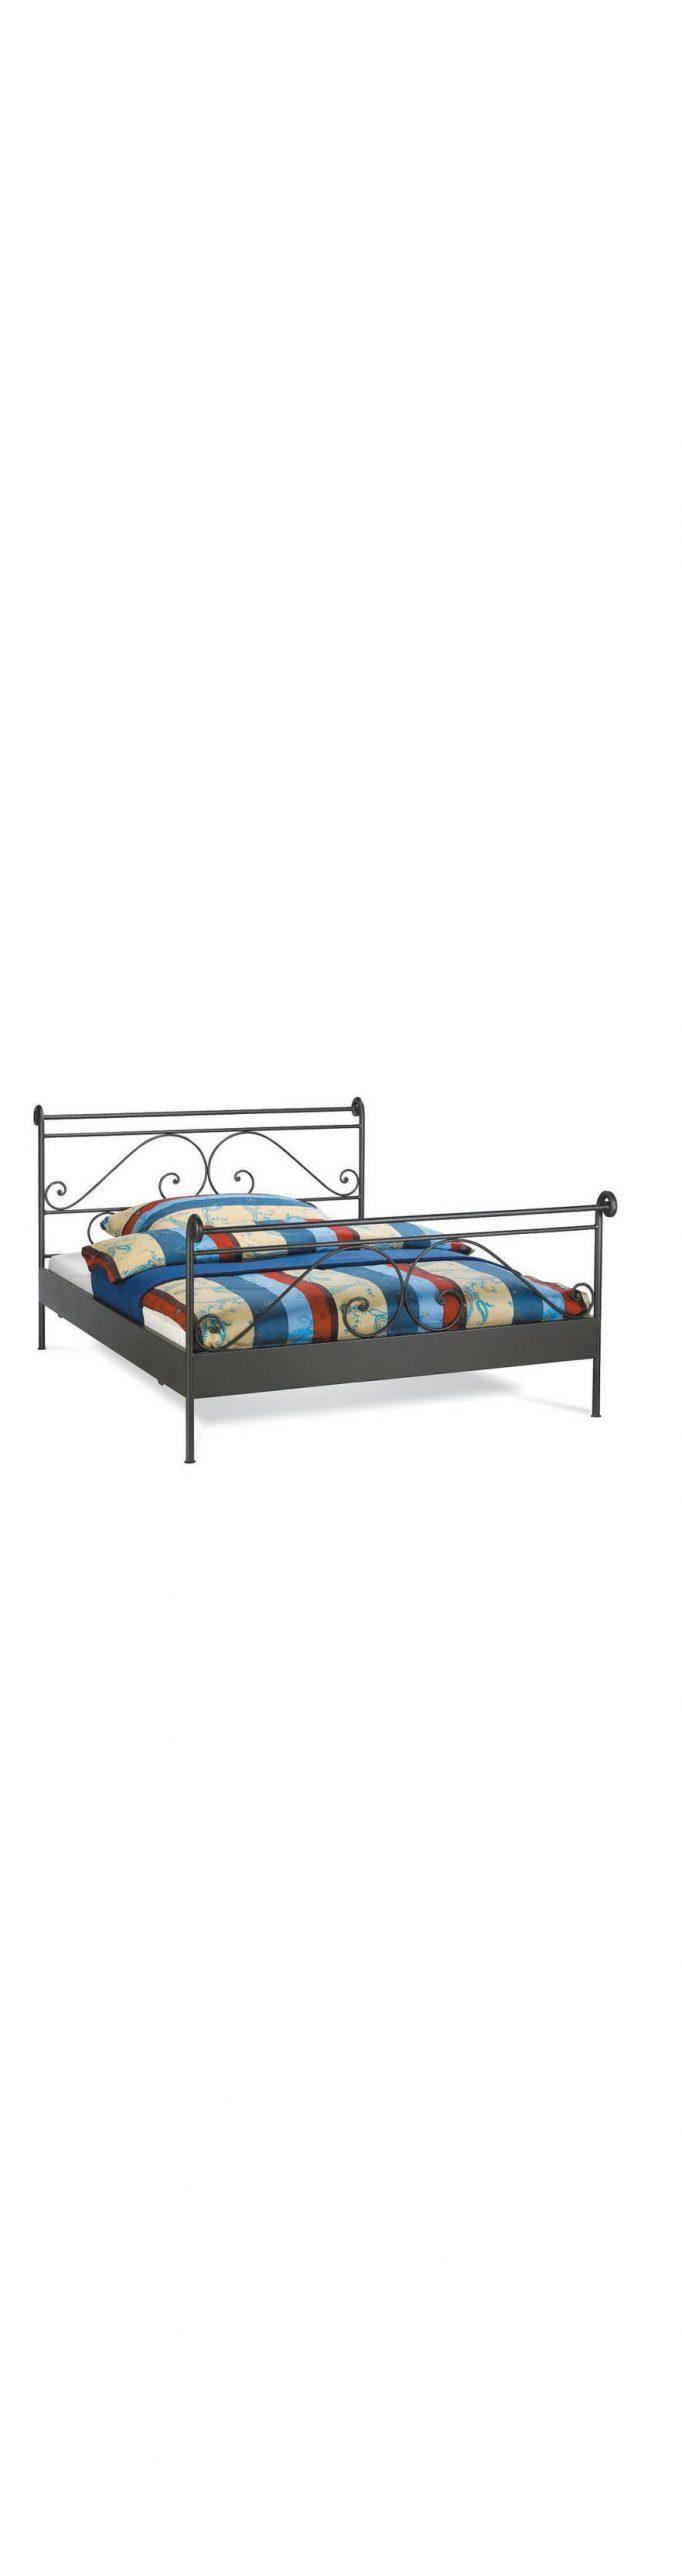 Full Size of Bett 160 Breite Oder 180 160x200 Kaufen Mit Stauraum X Cm Ebay Kleinanzeigen Holz 220 Ikea Massivholz 200 Online Xxxlutz Tagesdecken Für Betten Paradies Bett Bett 160